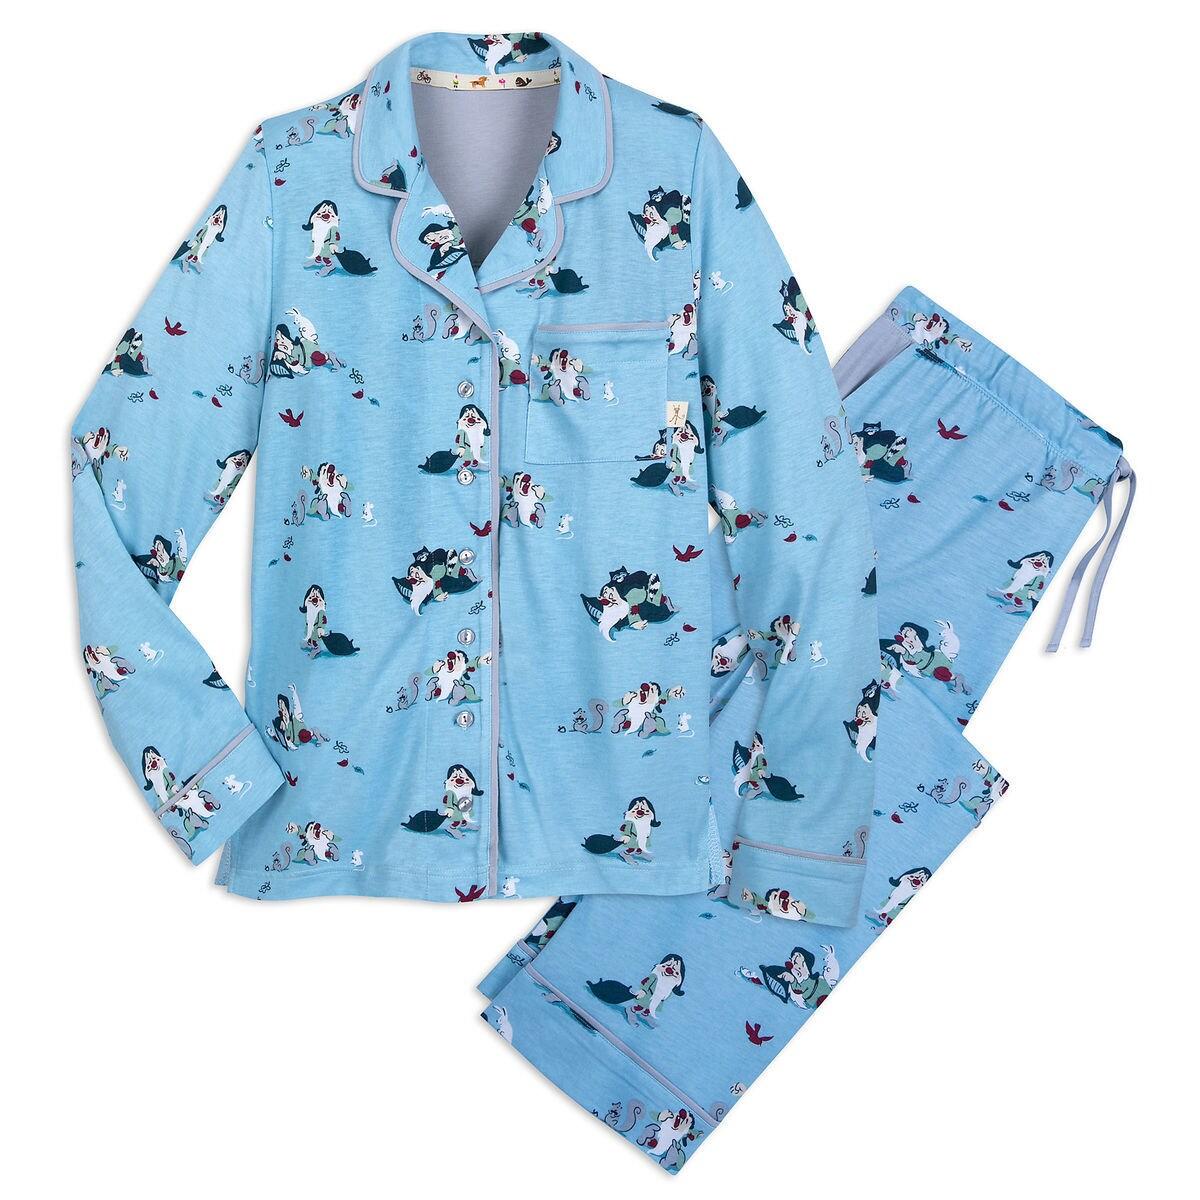 Product Image of Sleepy Pajama Set for Women by Munki Munki   1 e743c3752